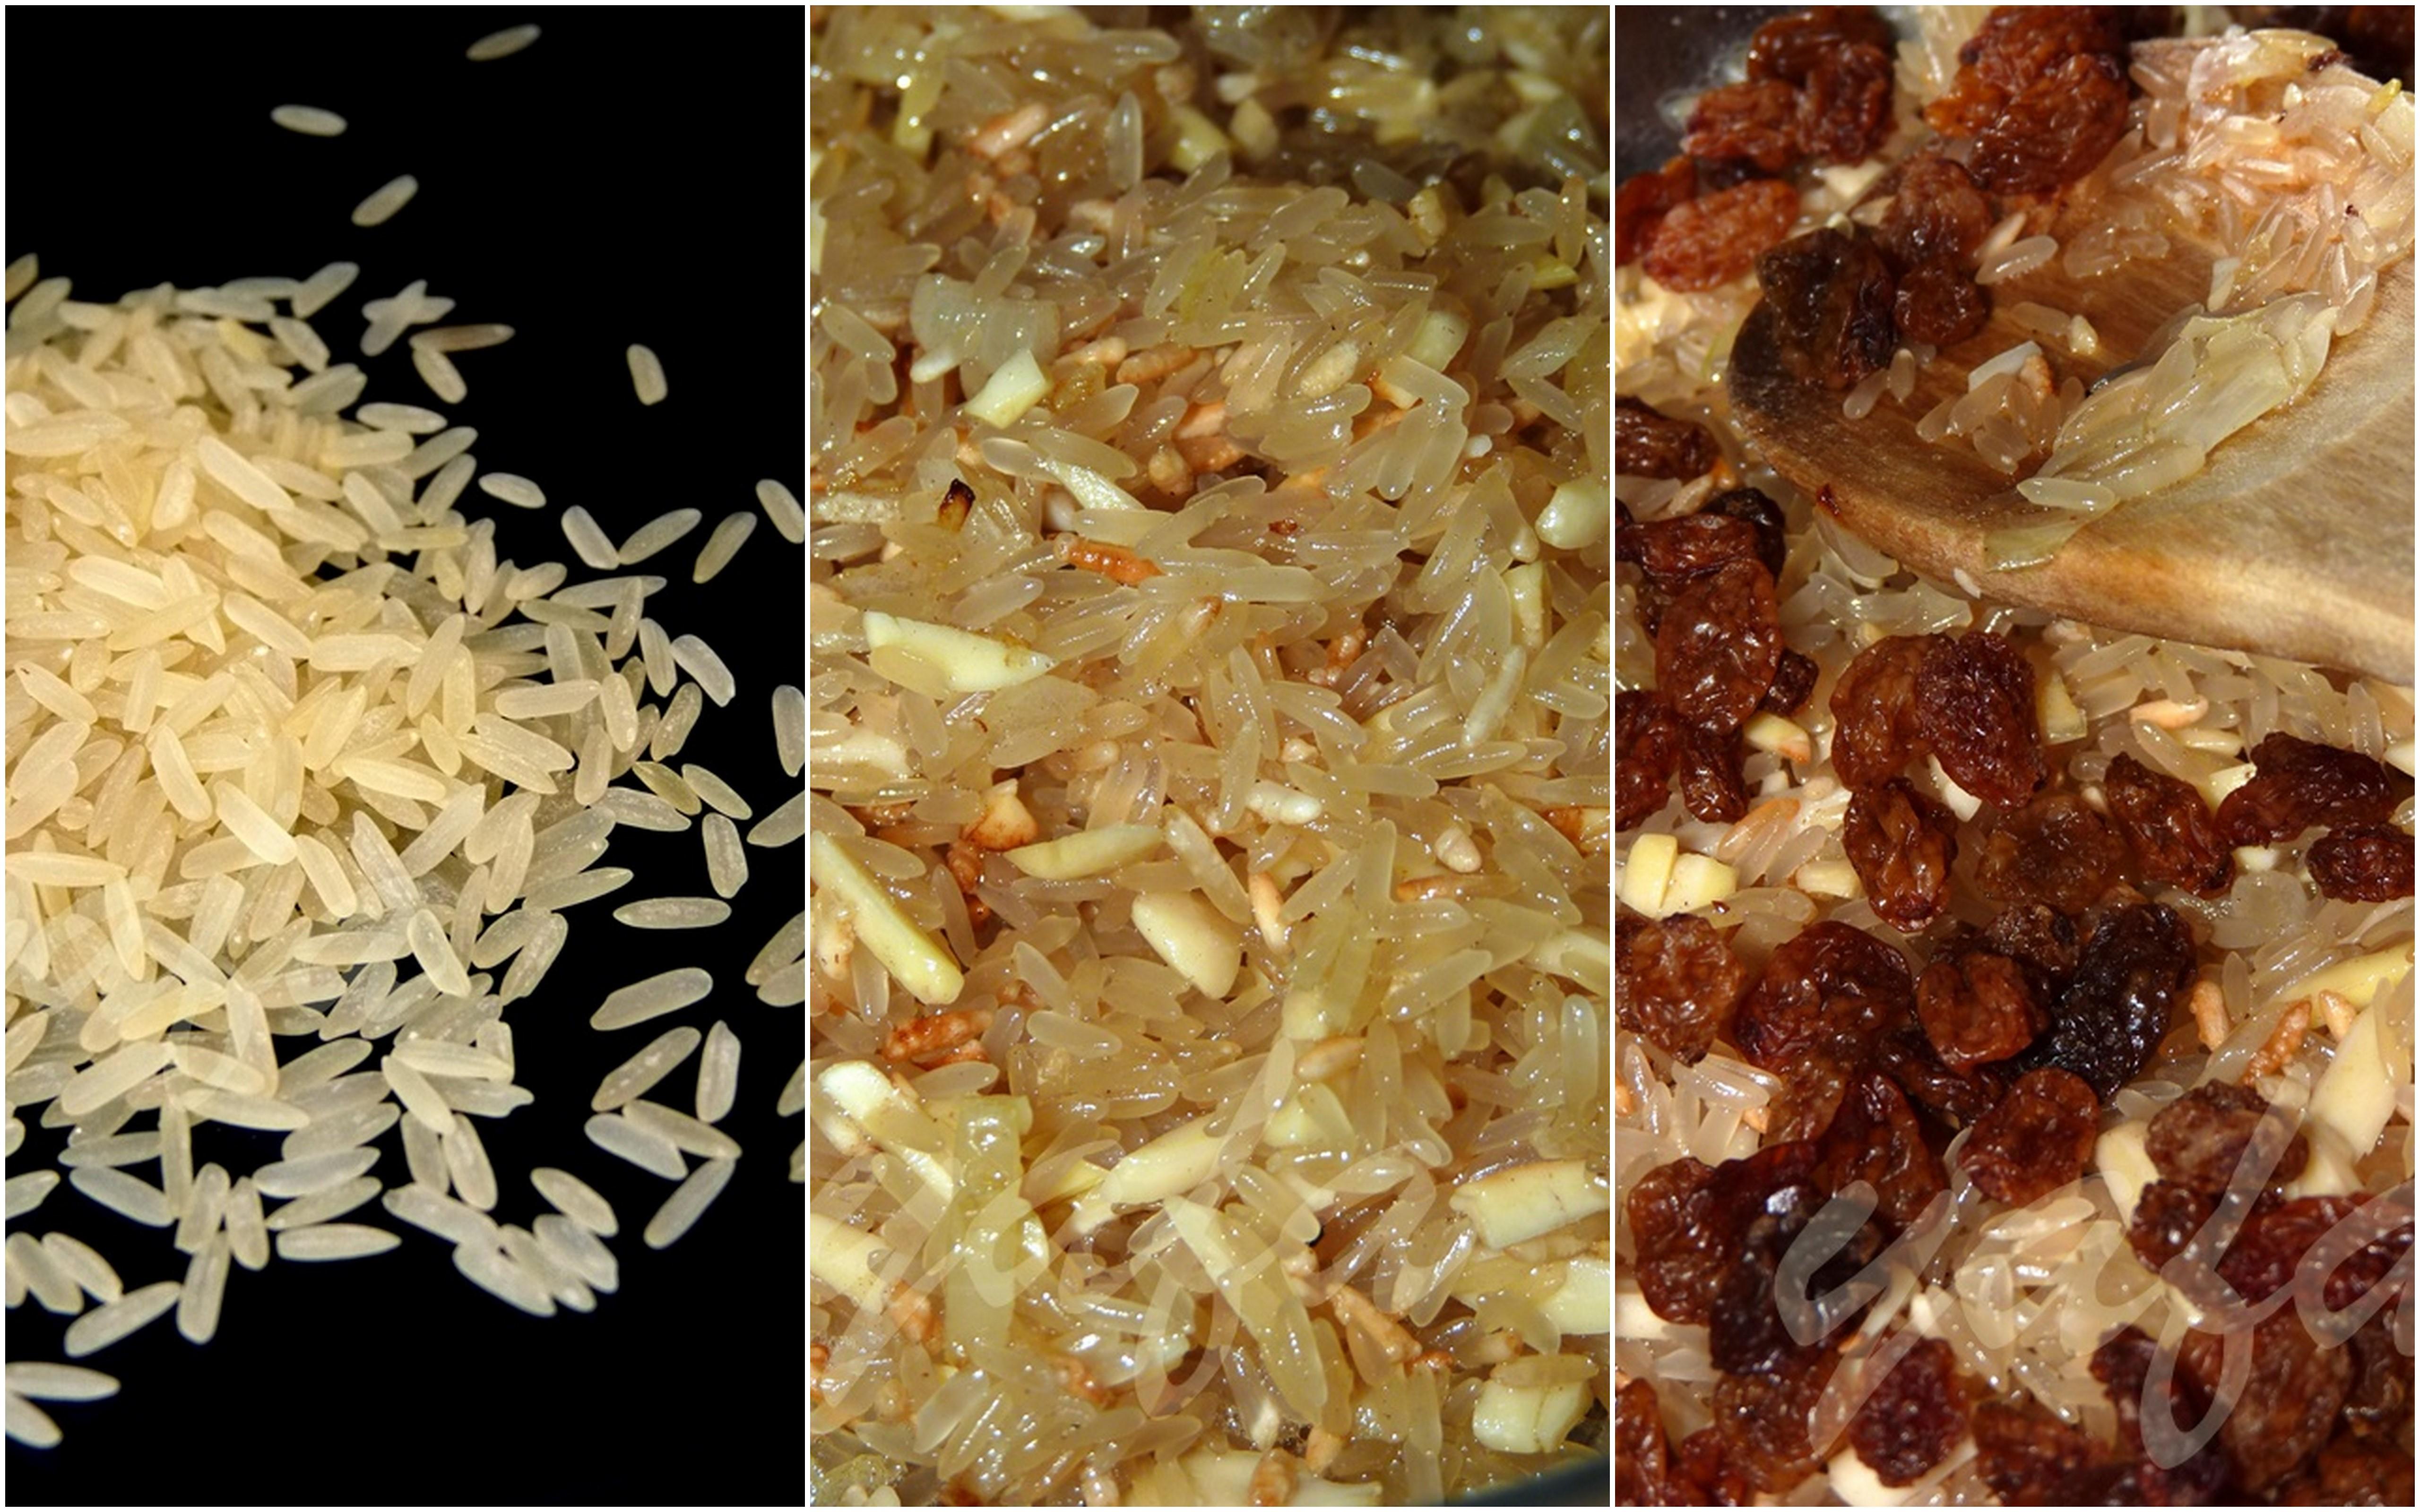 Chef de orez cuisine plaisir for Cuisine plaisir